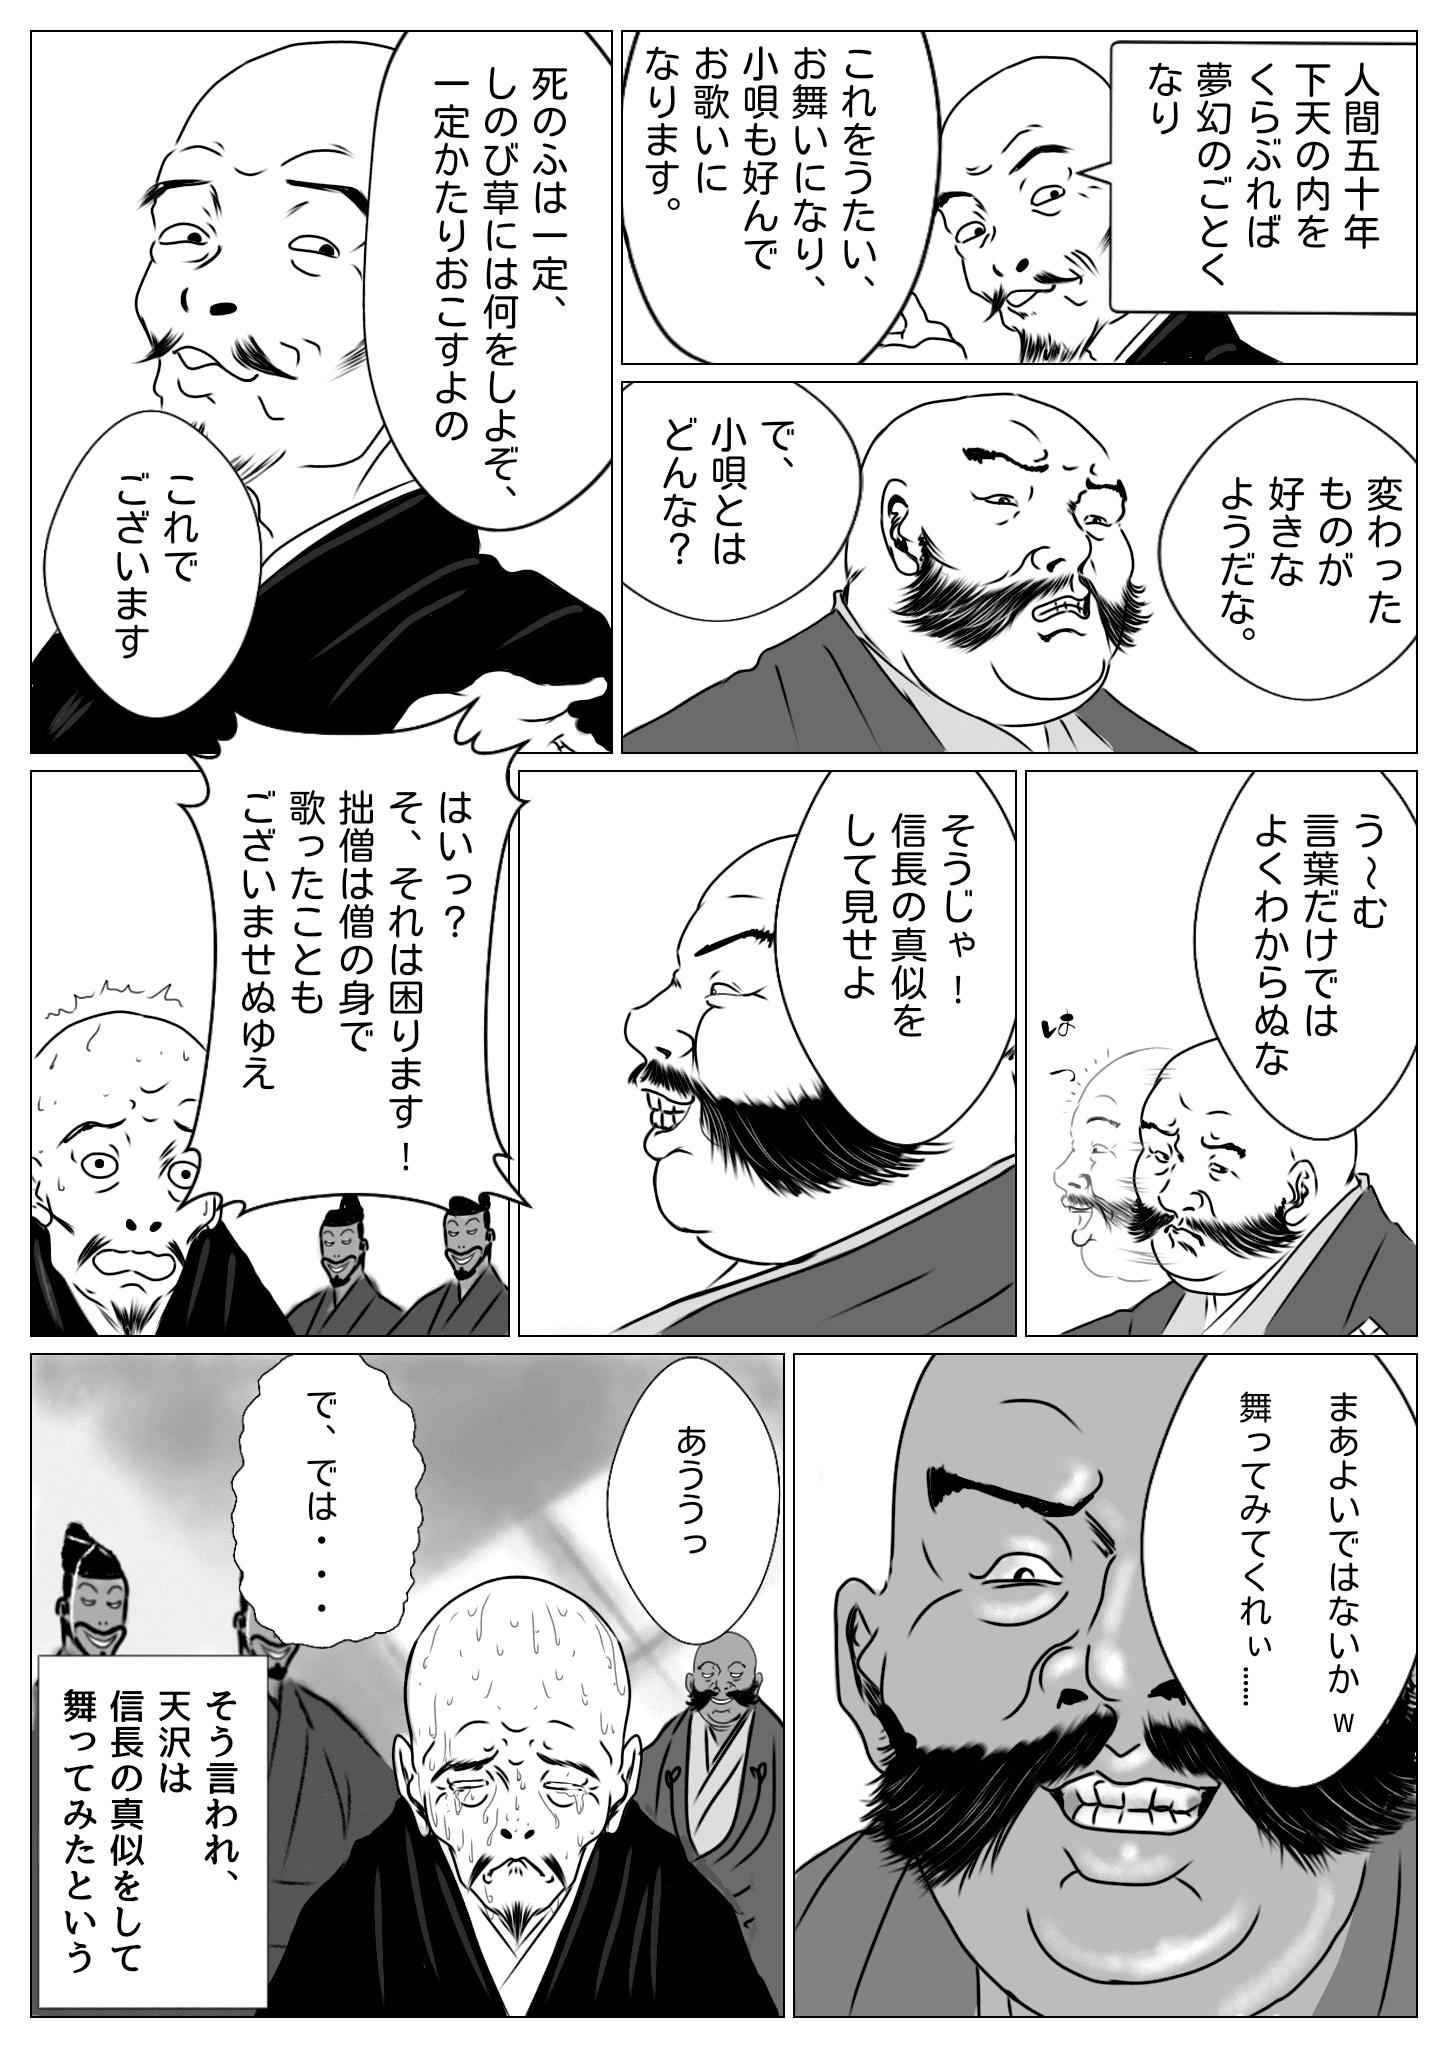 信長の日常を語る師僧天沢 3ページ